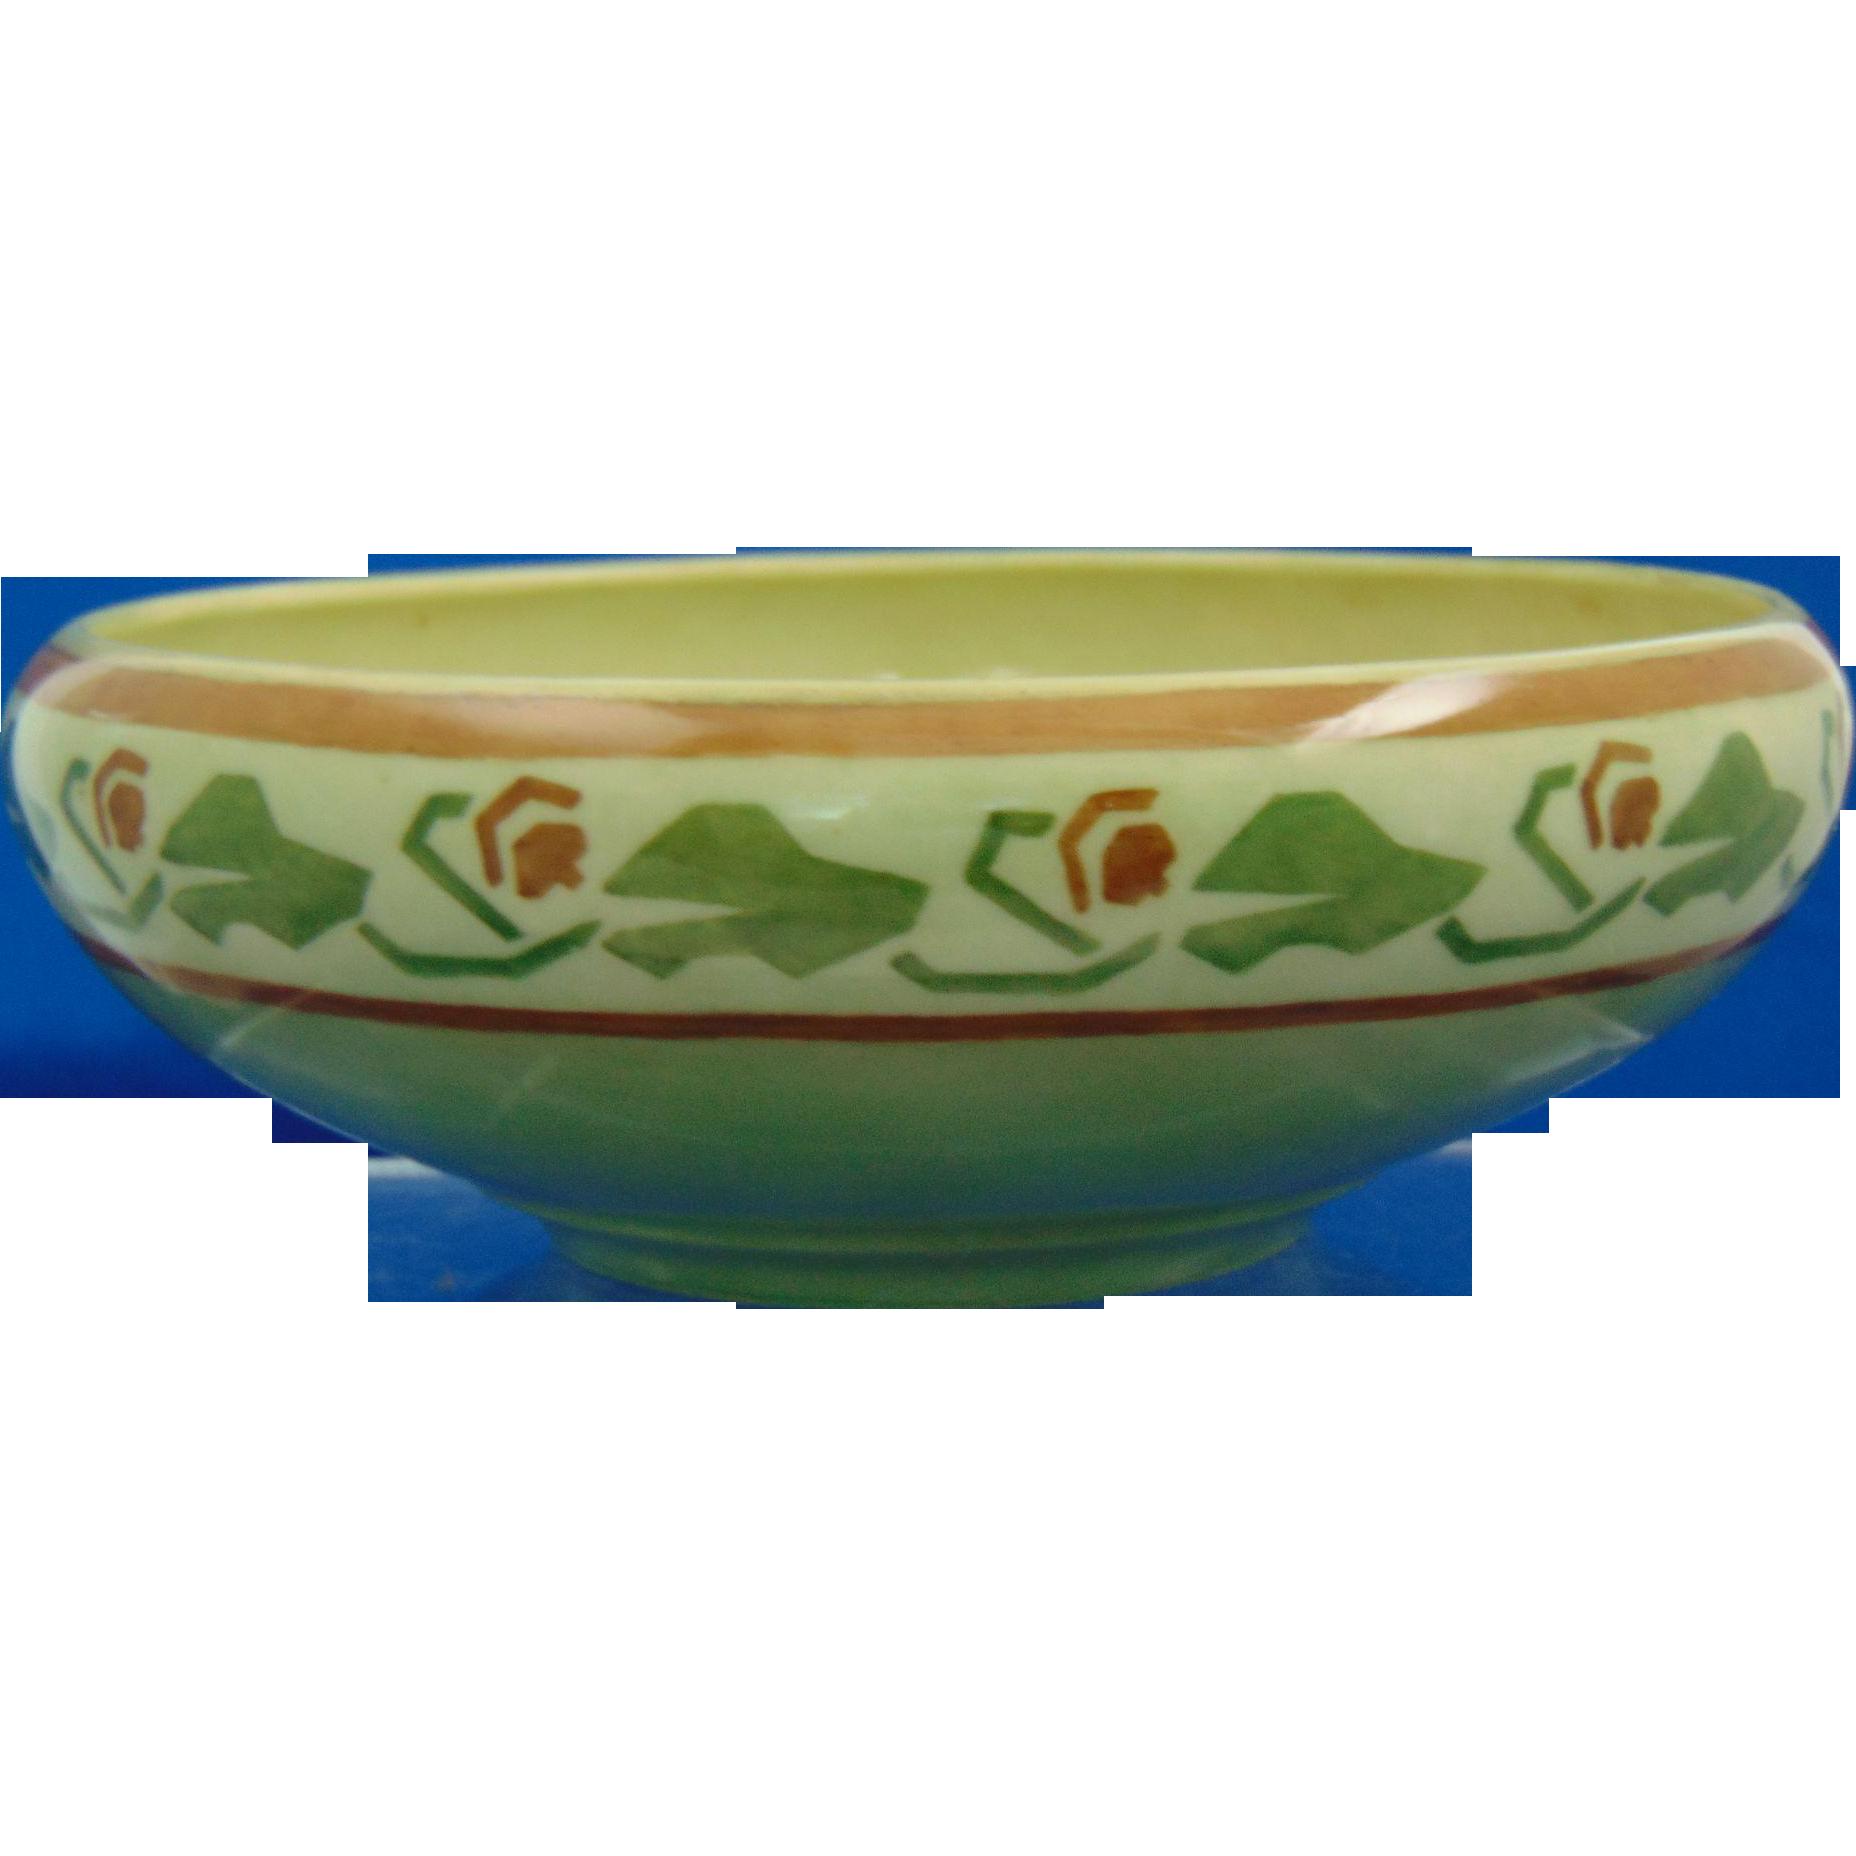 Tressemann & Vogt (T&V) Limoges Arts & Crafts Bowl (c.1892-1907)